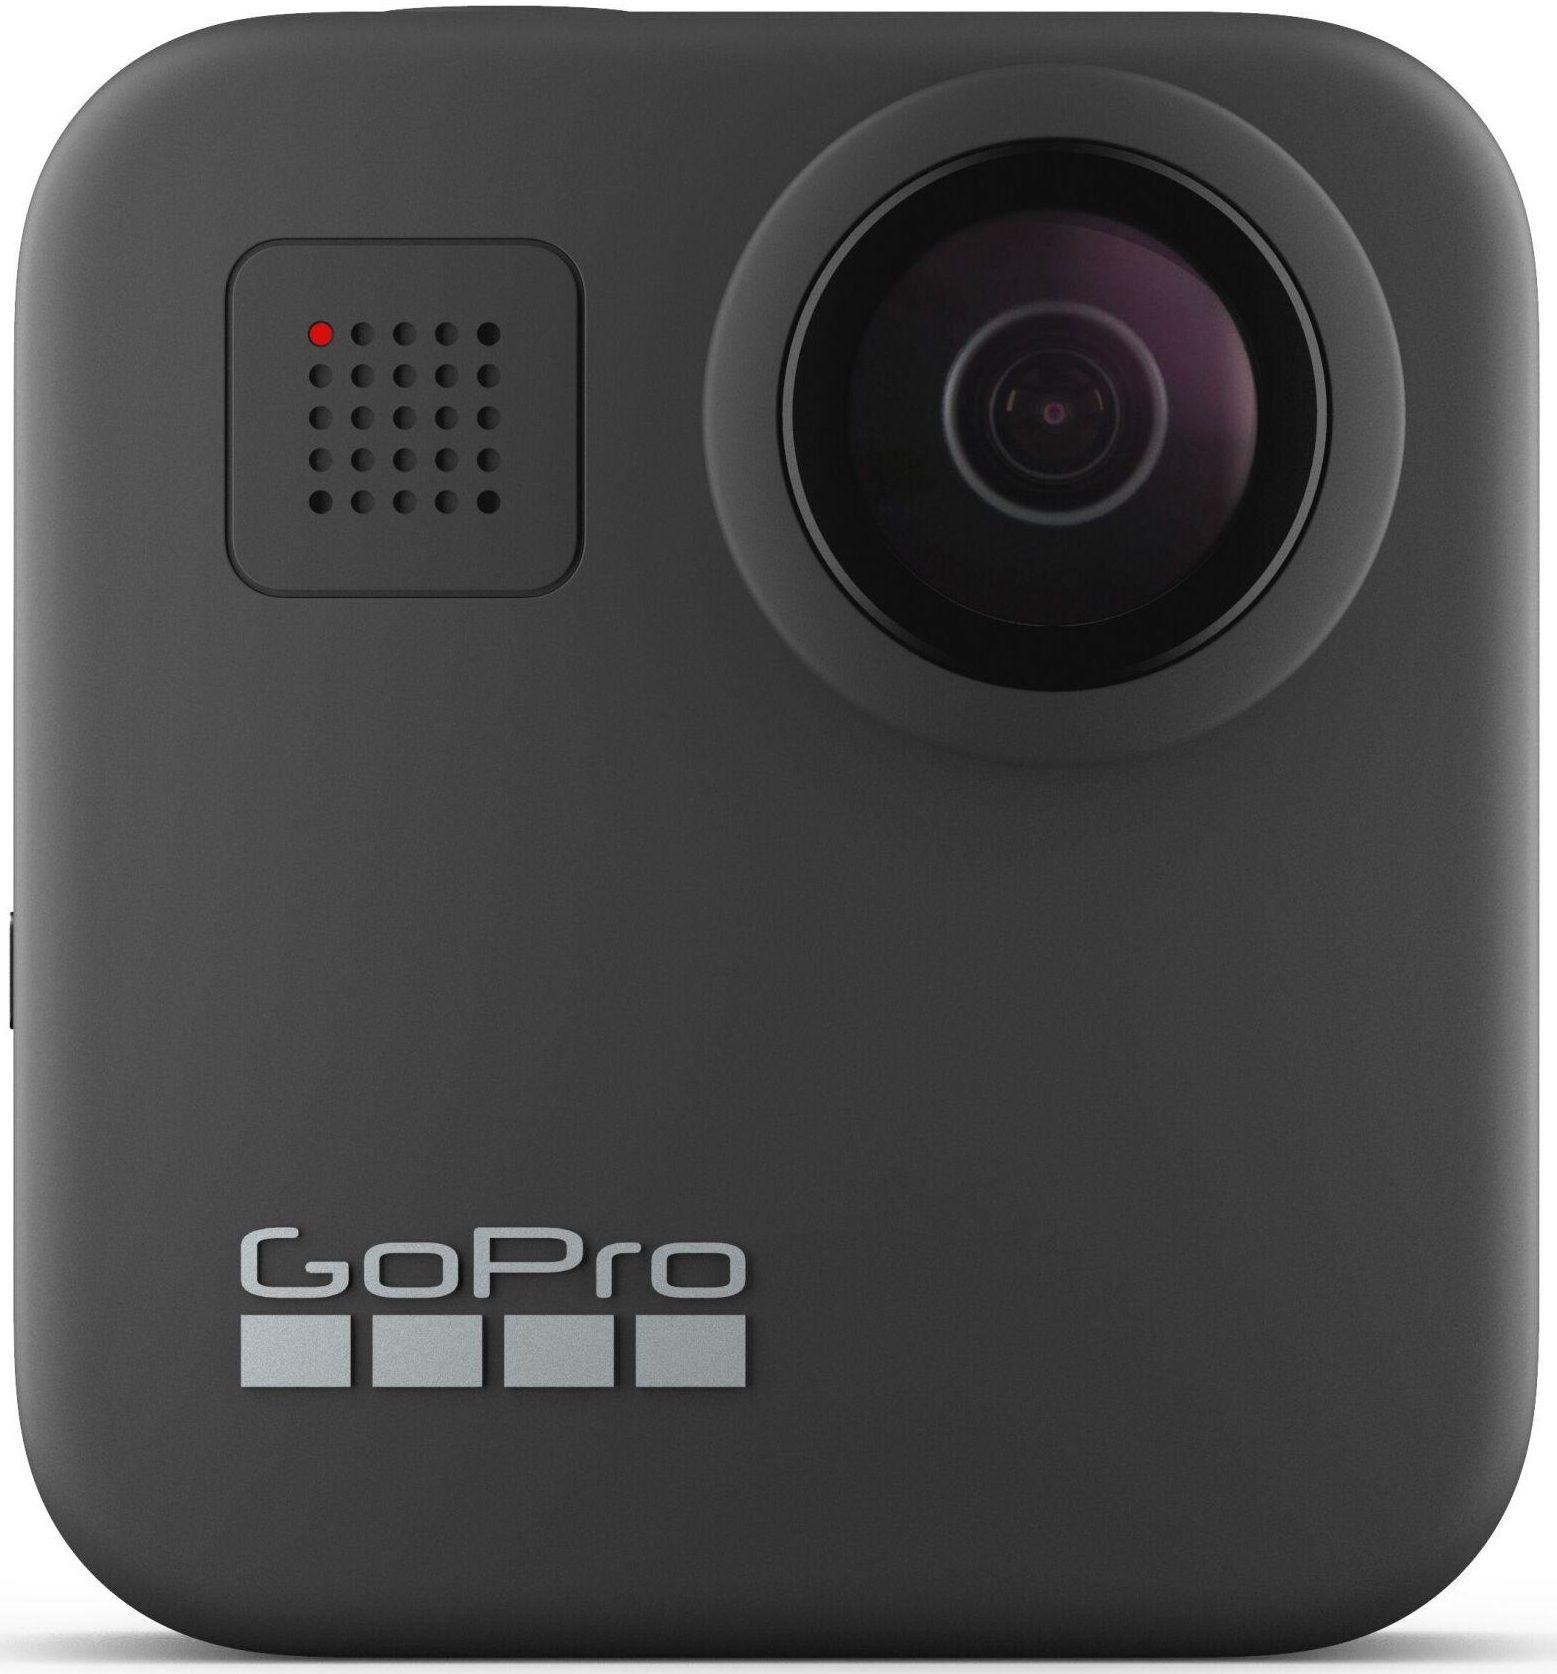 Рейтинг ТОП 10 лучших экшн камер: какая лучше, как выбрать, отзывы, характеристики, цена, плюсы и минусы